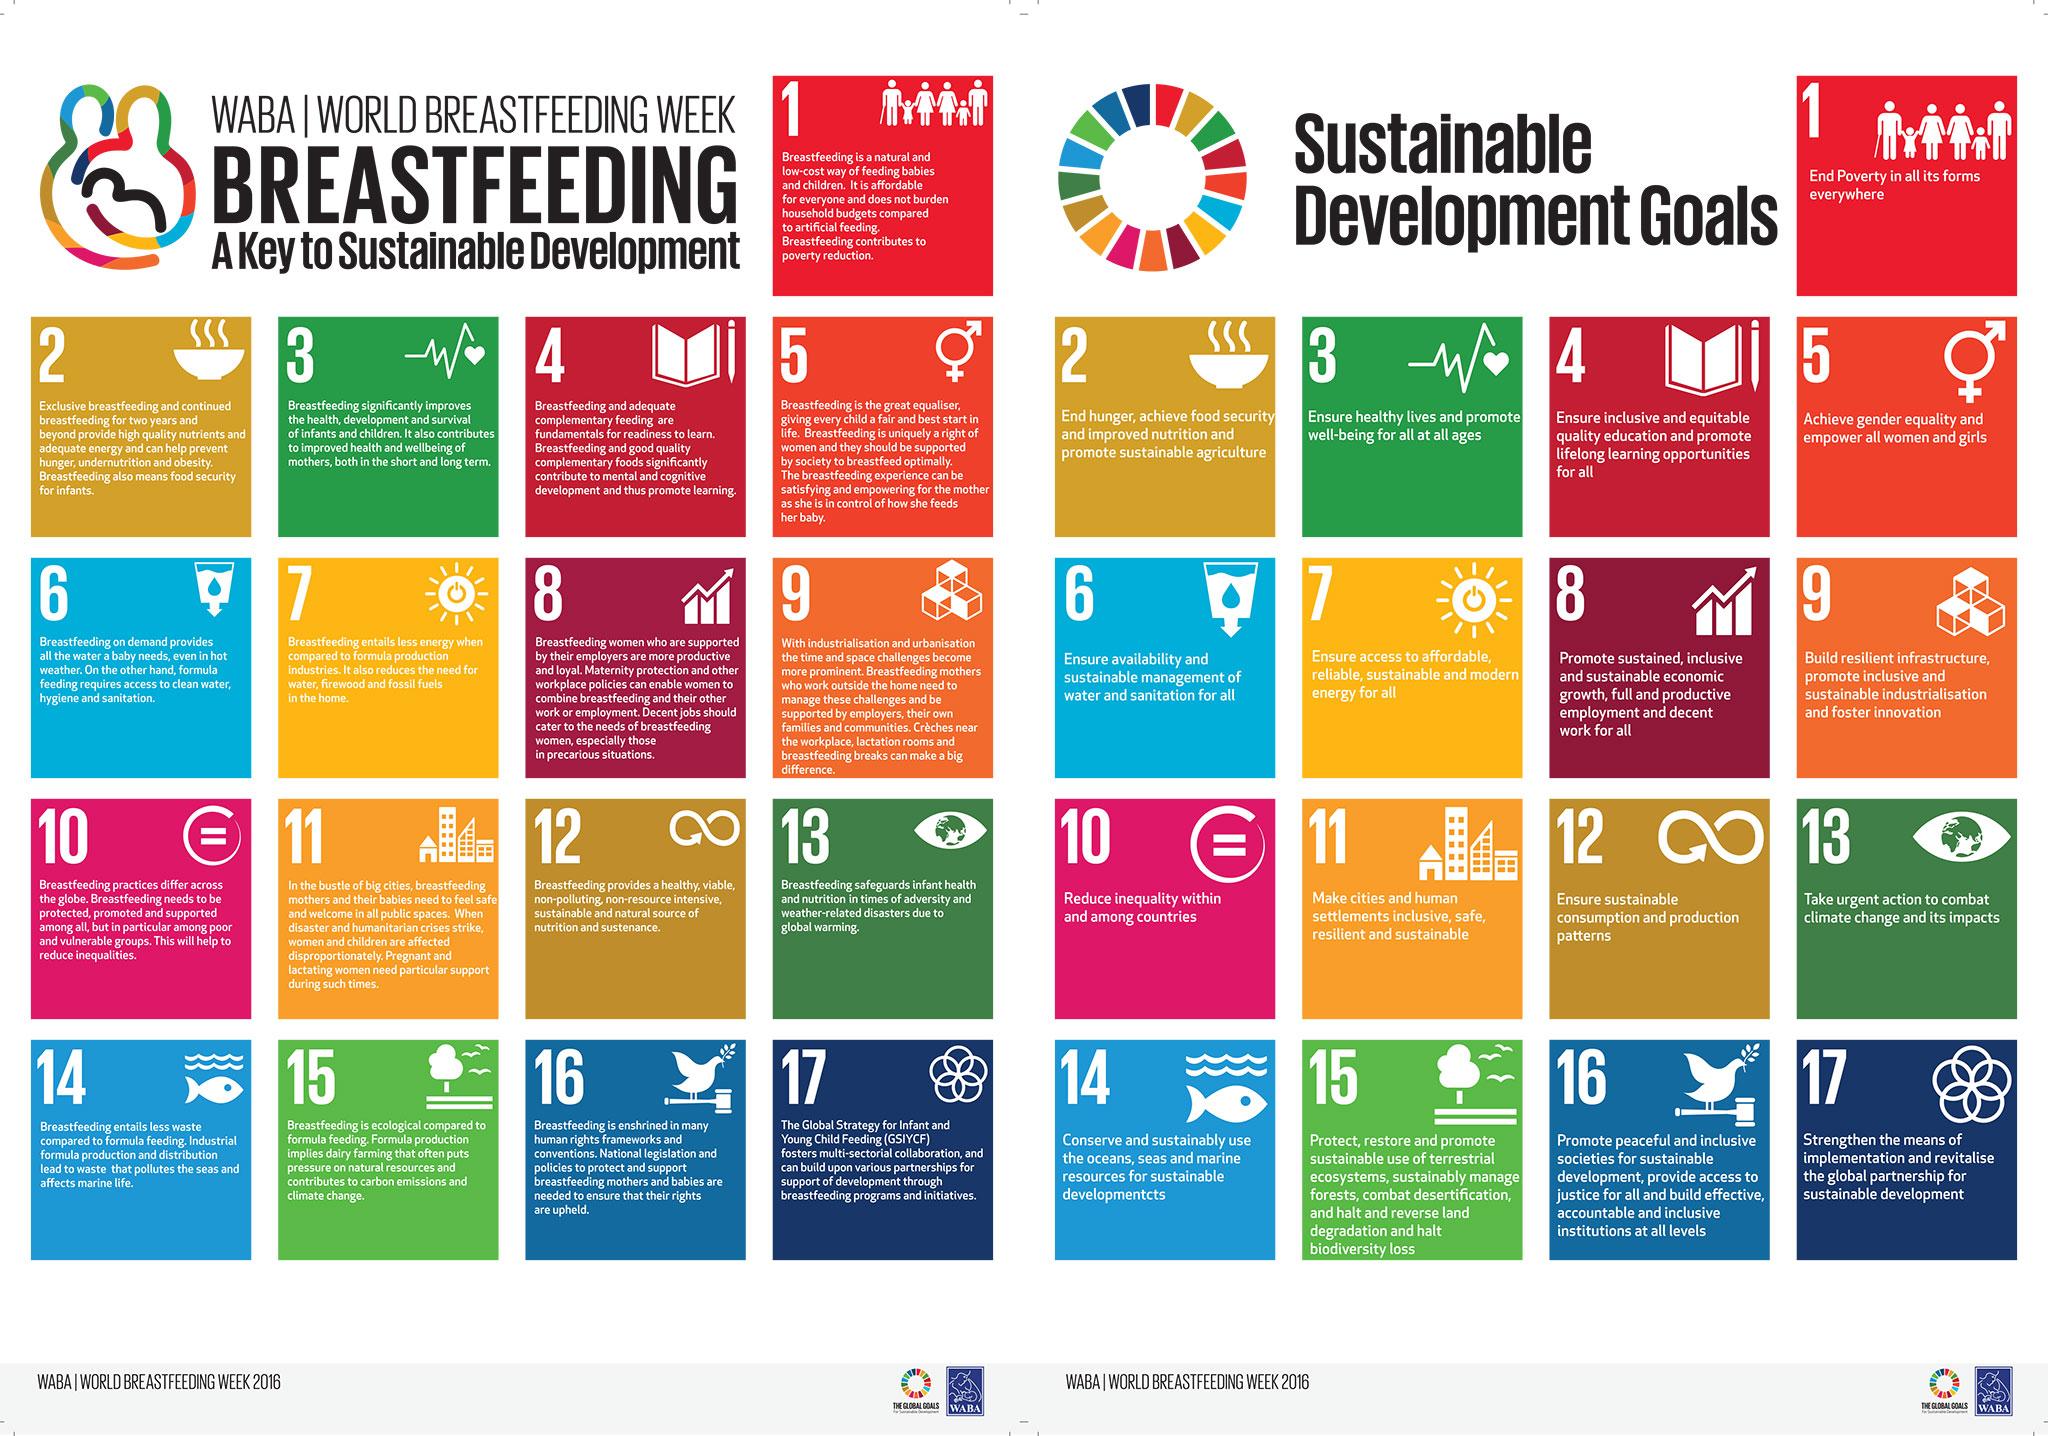 relation allaitement et objectifs développement durable